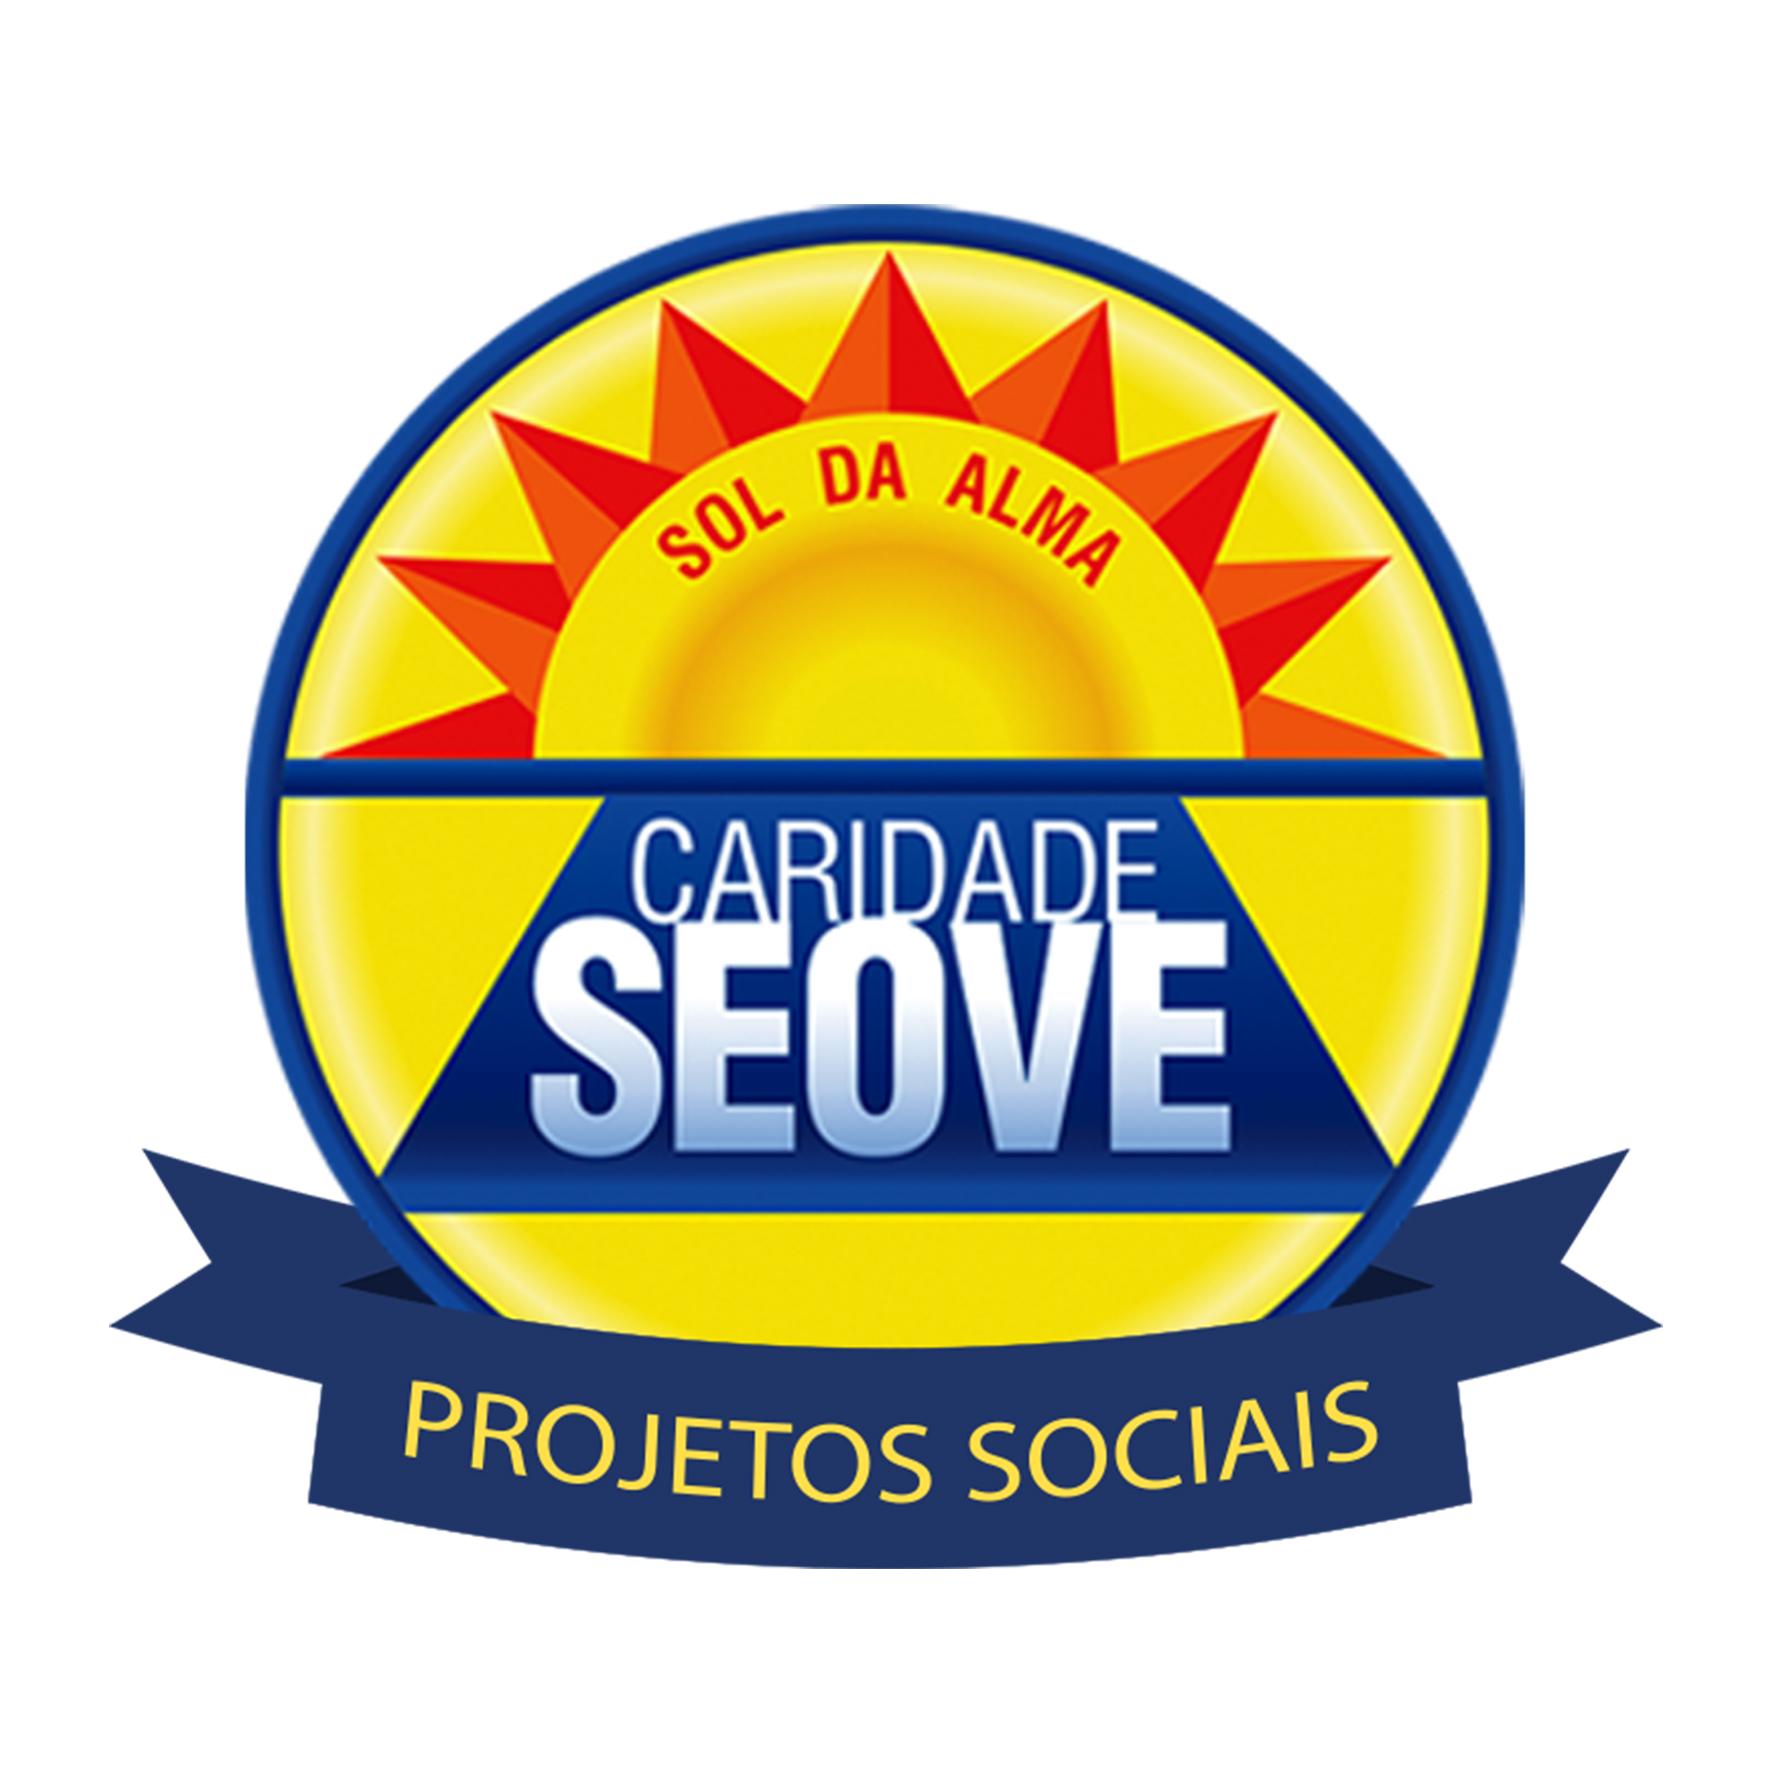 Seove - Projetos sociais